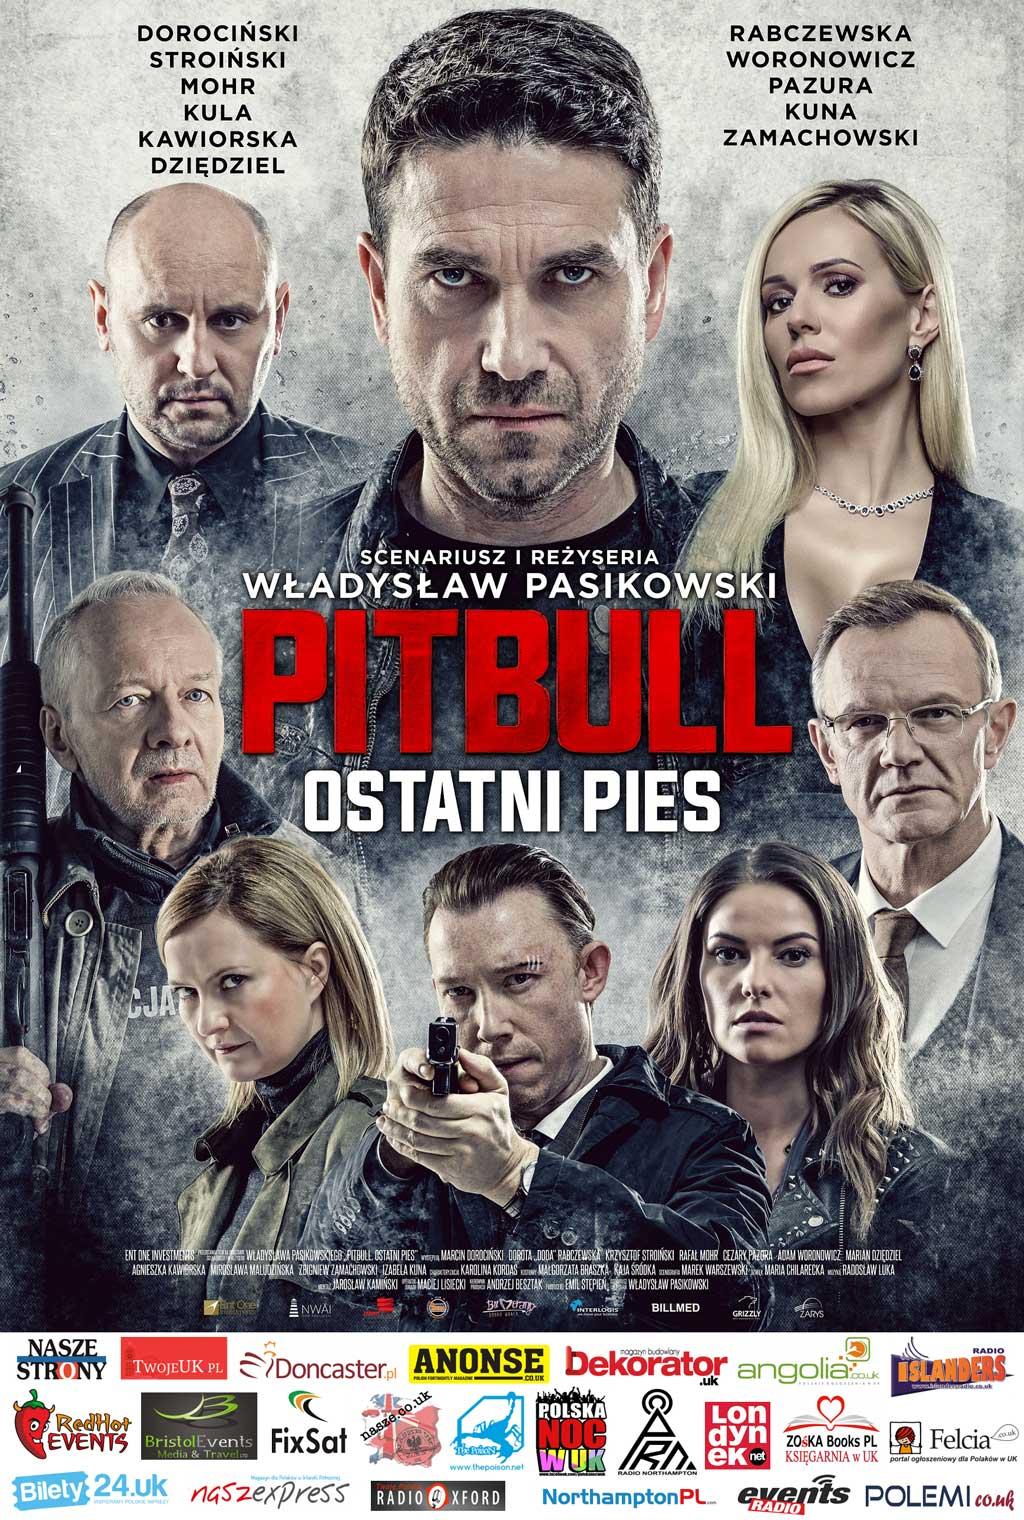 Pitbull Ostatni Pies w kinach w UK